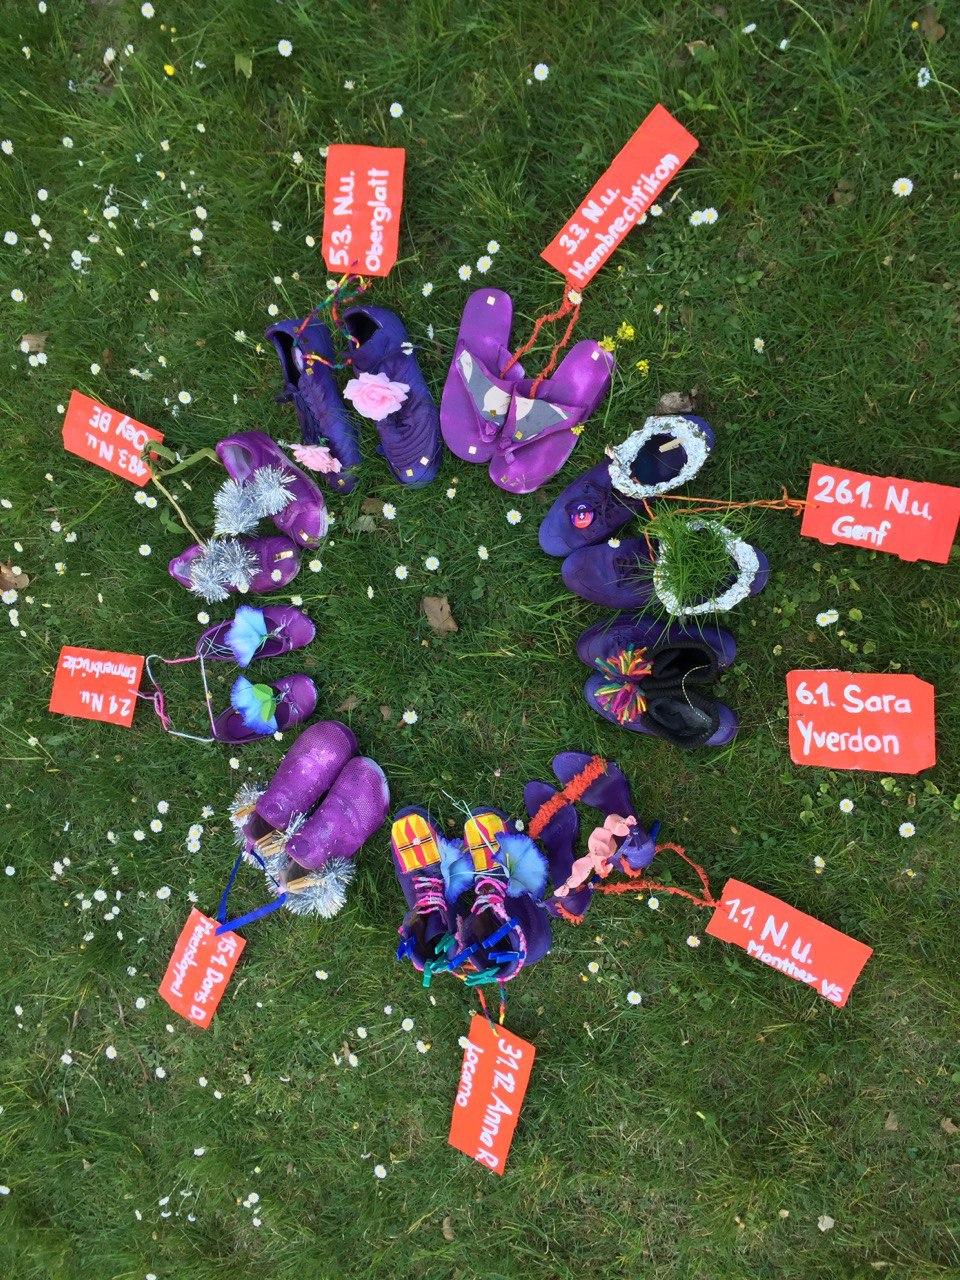 Ein Foto von 9 paar violettgeförbte Schuhe jeweils mit einem Schildchen mit jeweils einem Namen und Datum der 9 Frauen, die seit Anfang 2020 bis jetzt (25.4.) ermordet wurden in der Schweiz